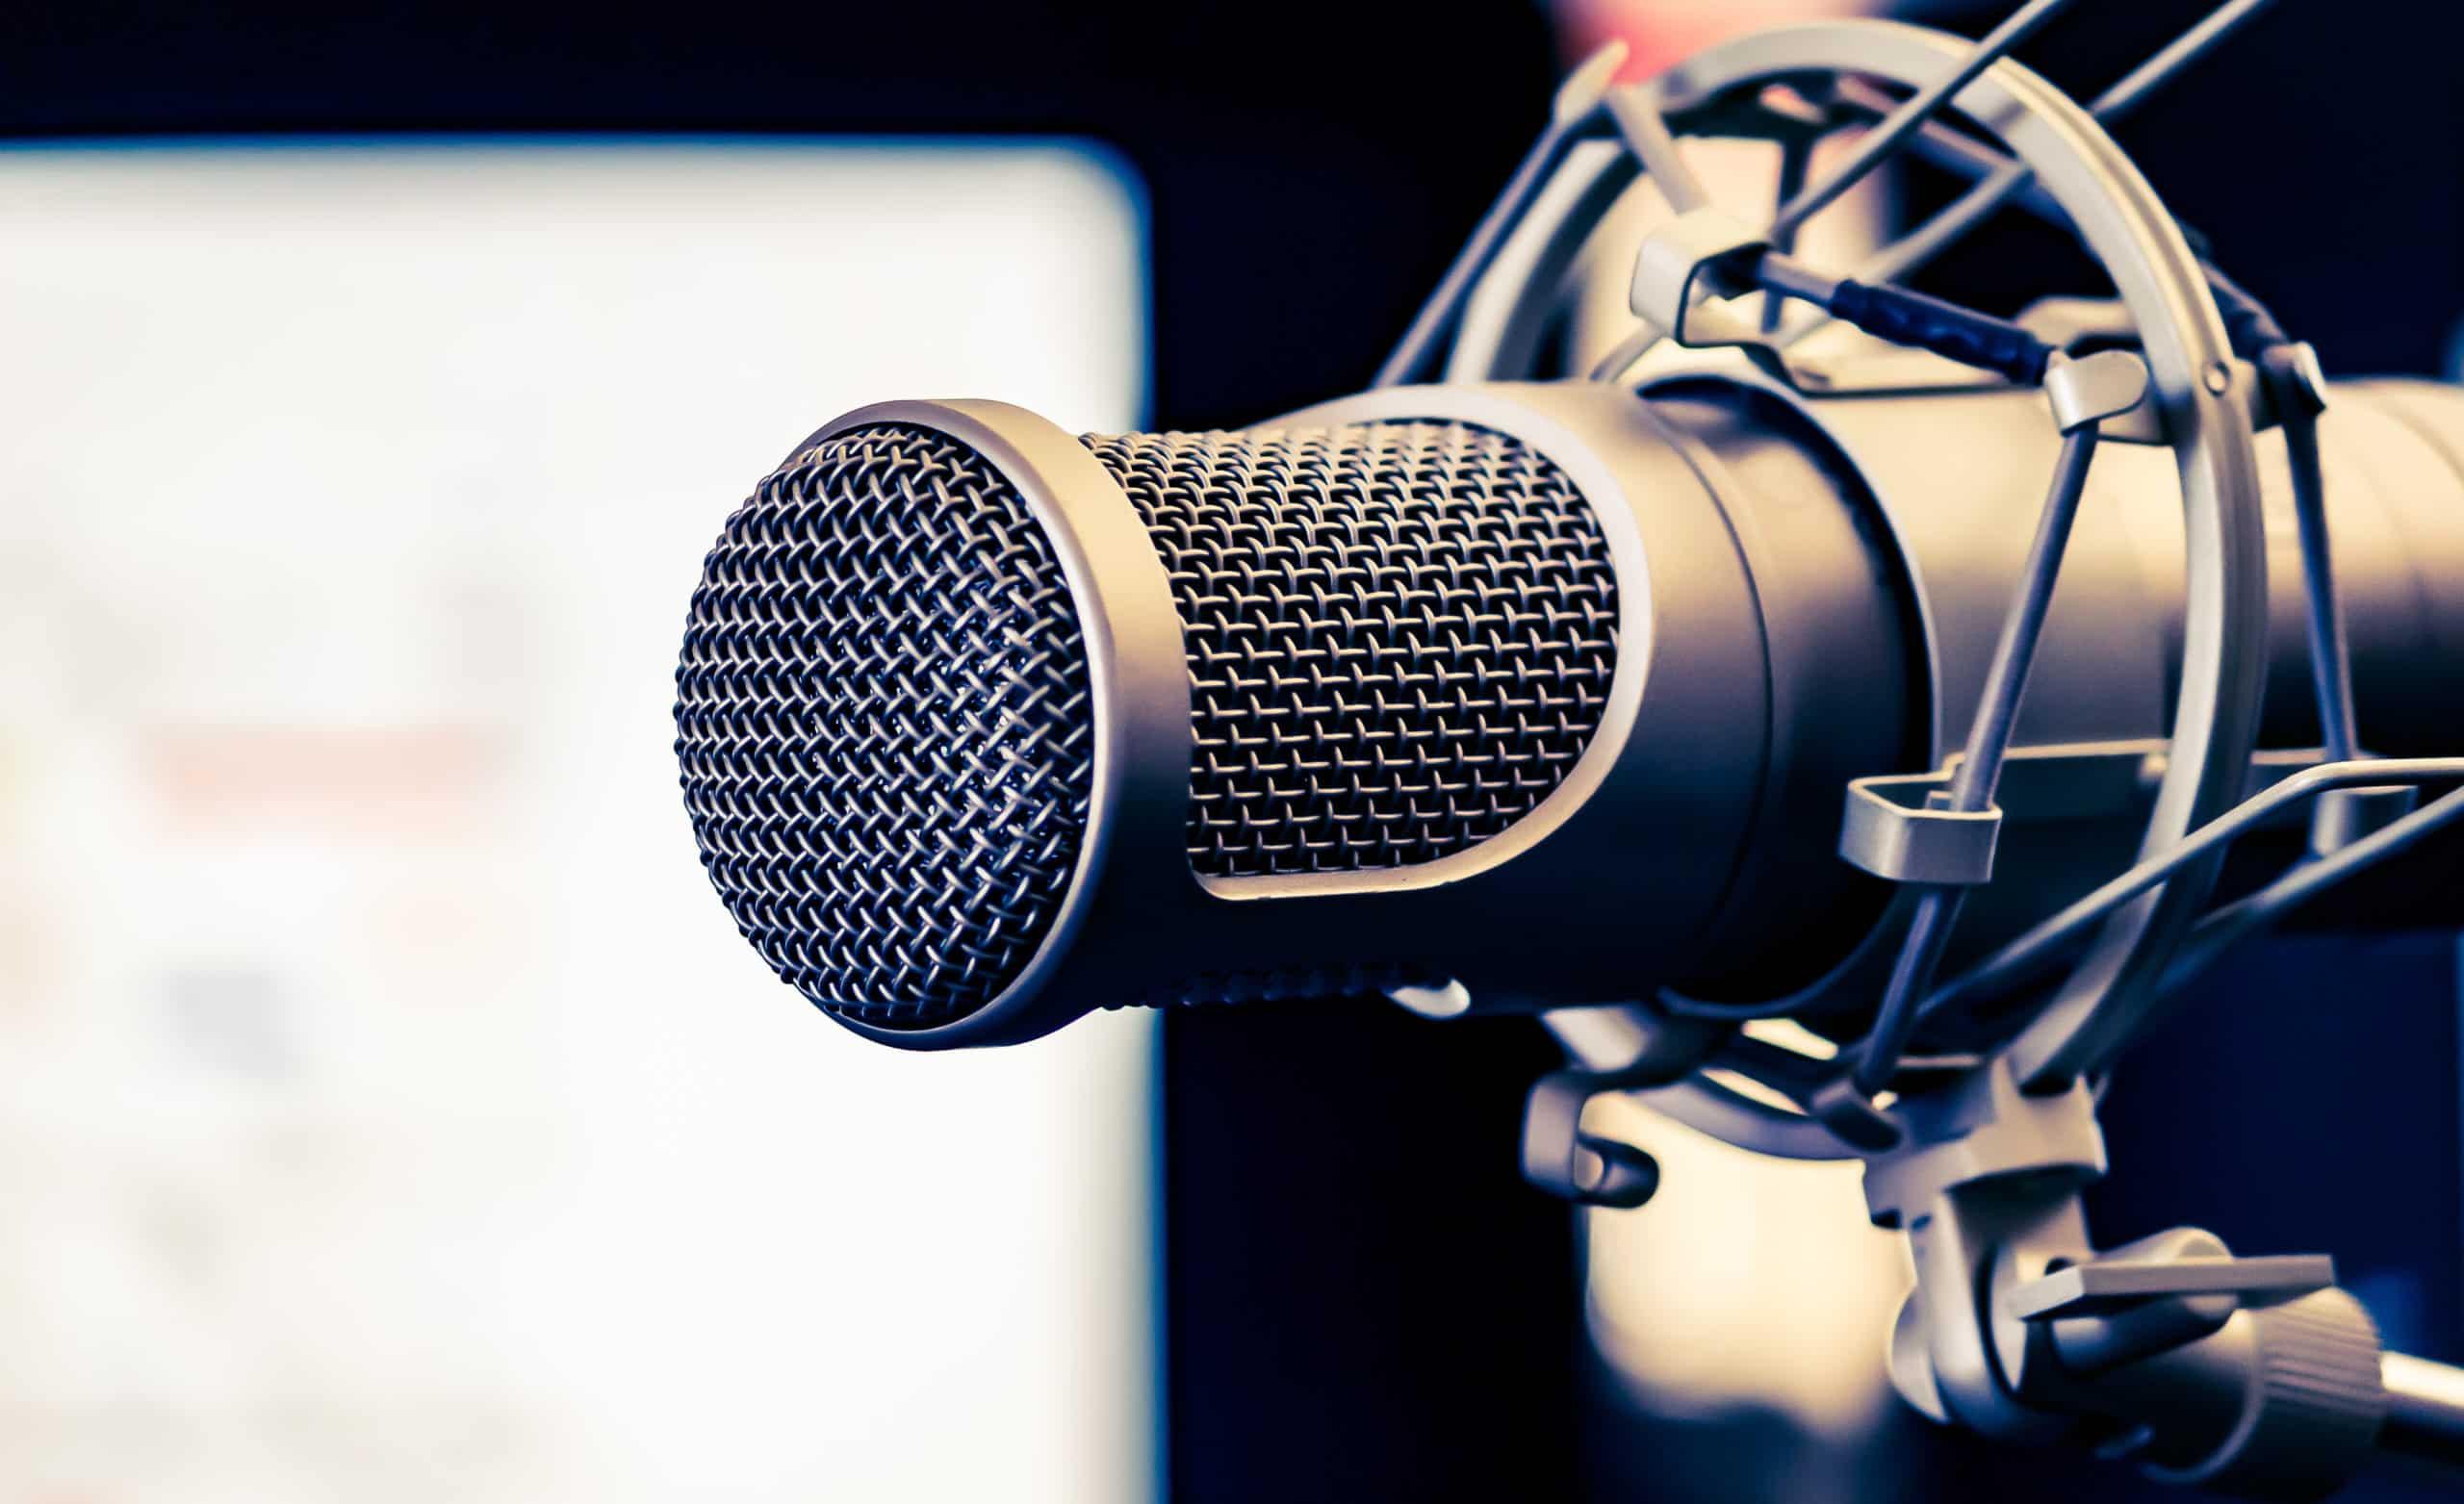 Podcasty najlepsze narzędzia